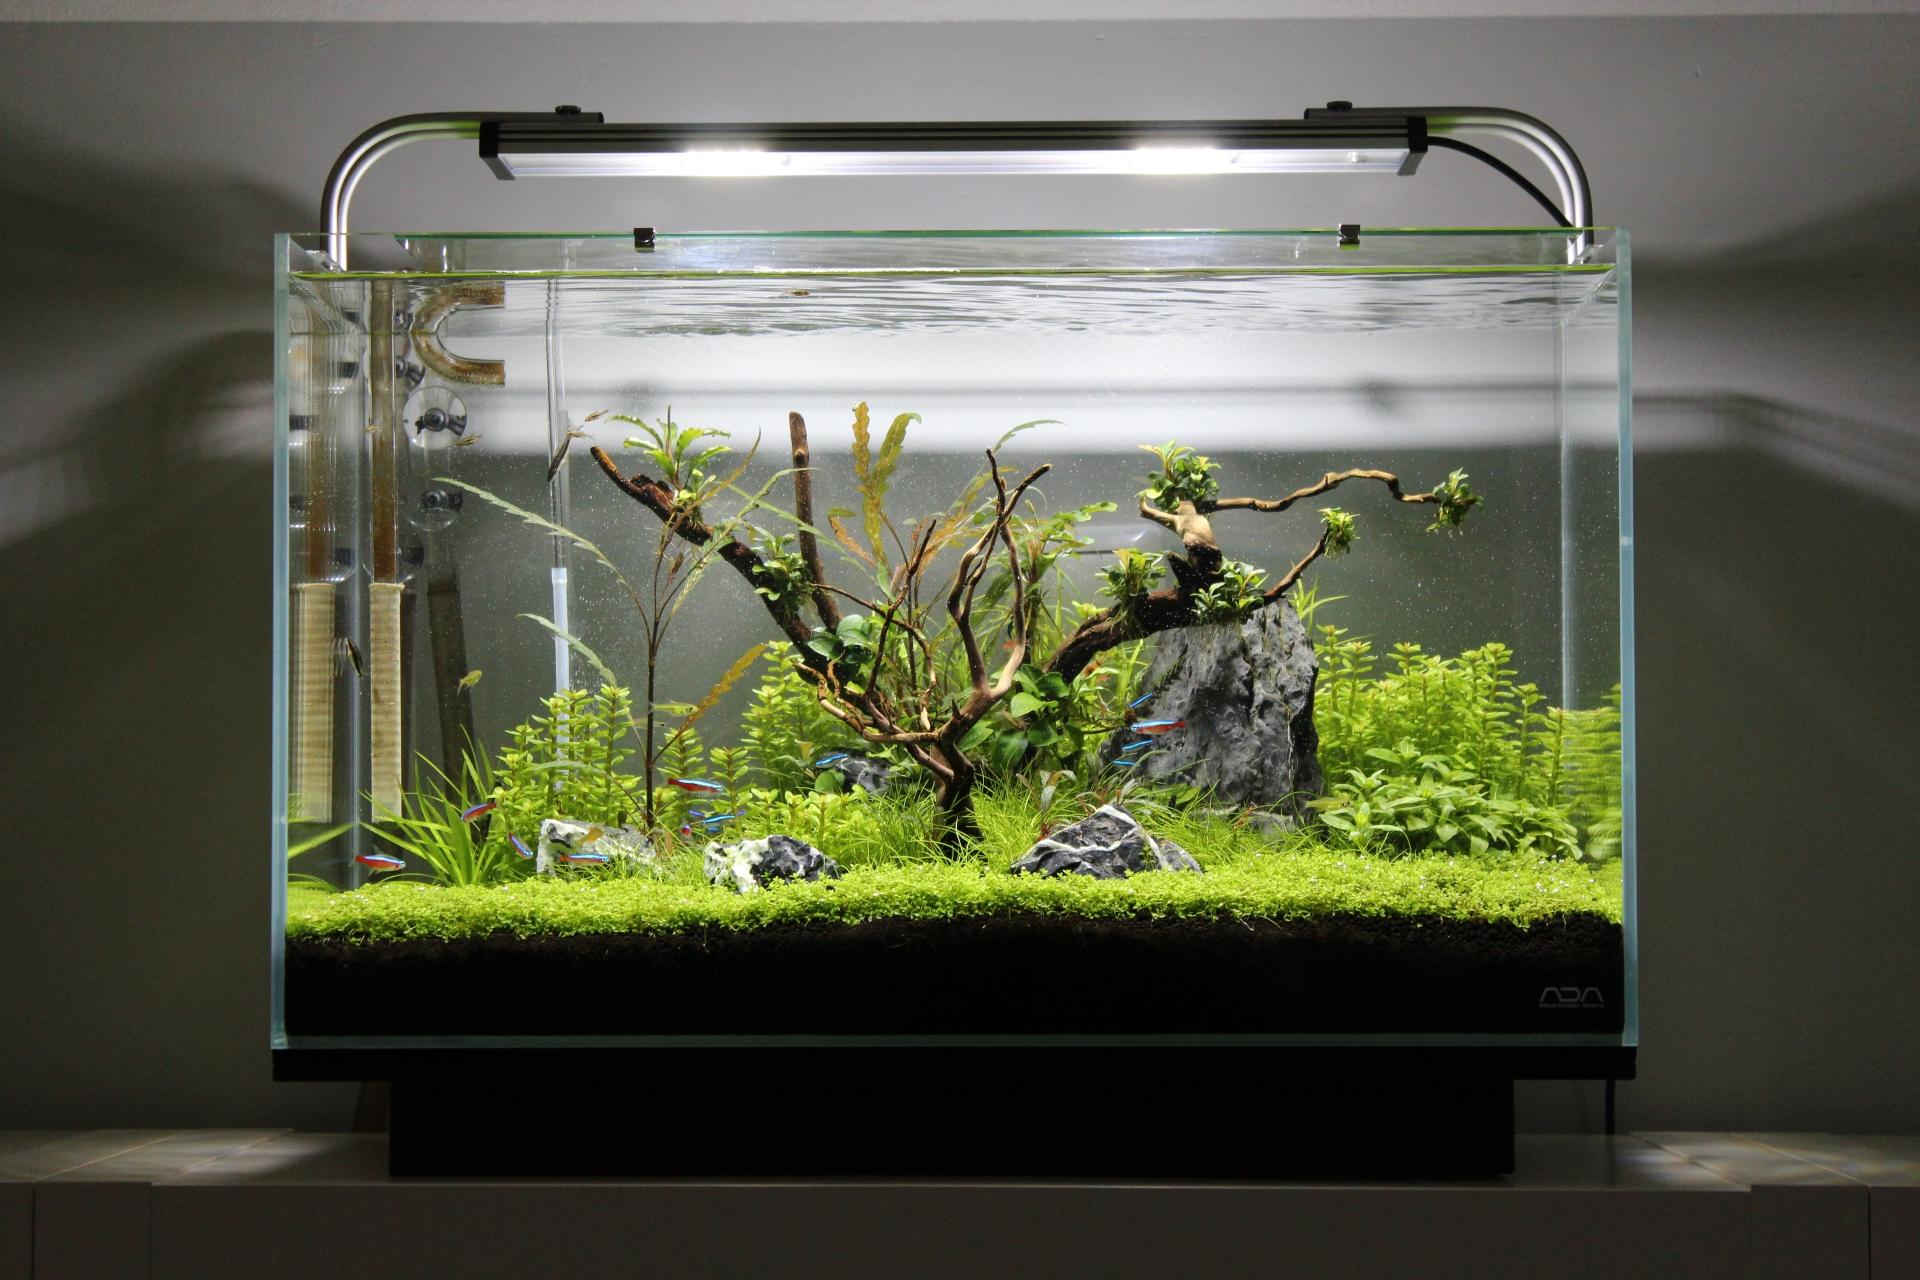 Aquarium Schrank Nano Cube: Aquarium mit glasabdeckung: aquarium ...